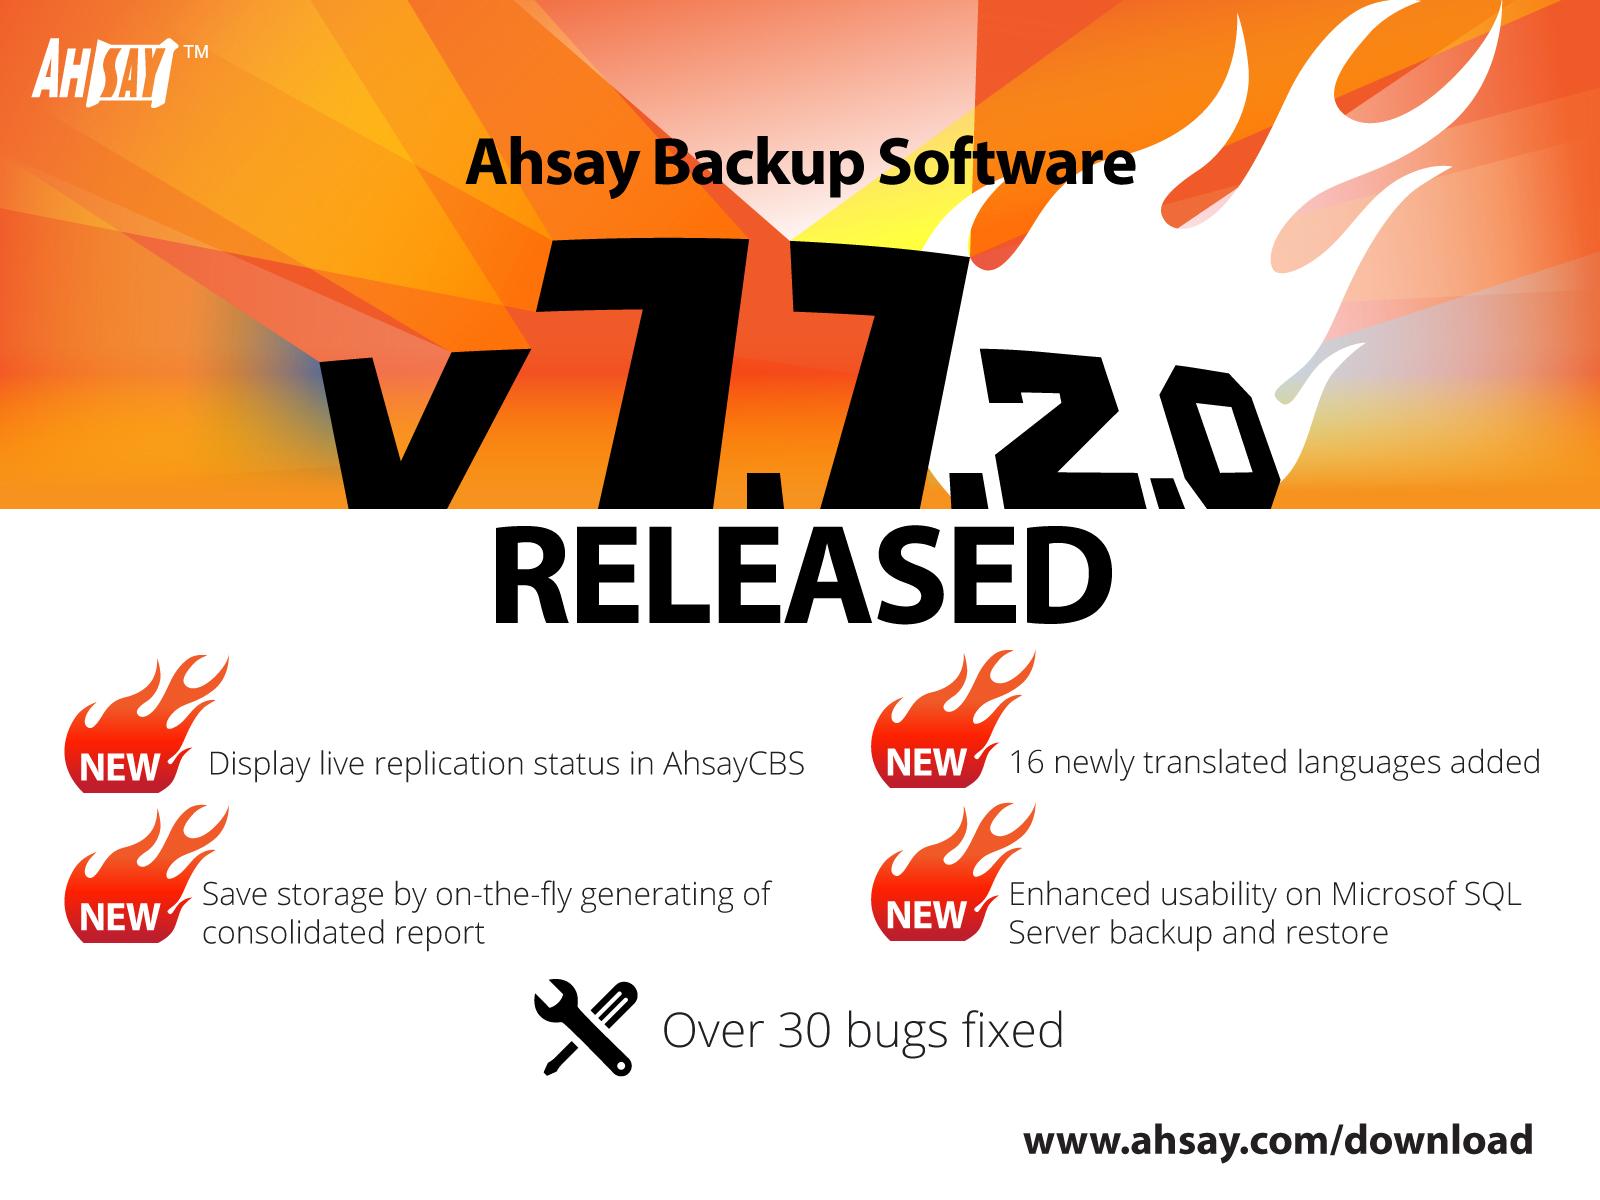 Ahsay Backup Software v7.7.2.0 Released